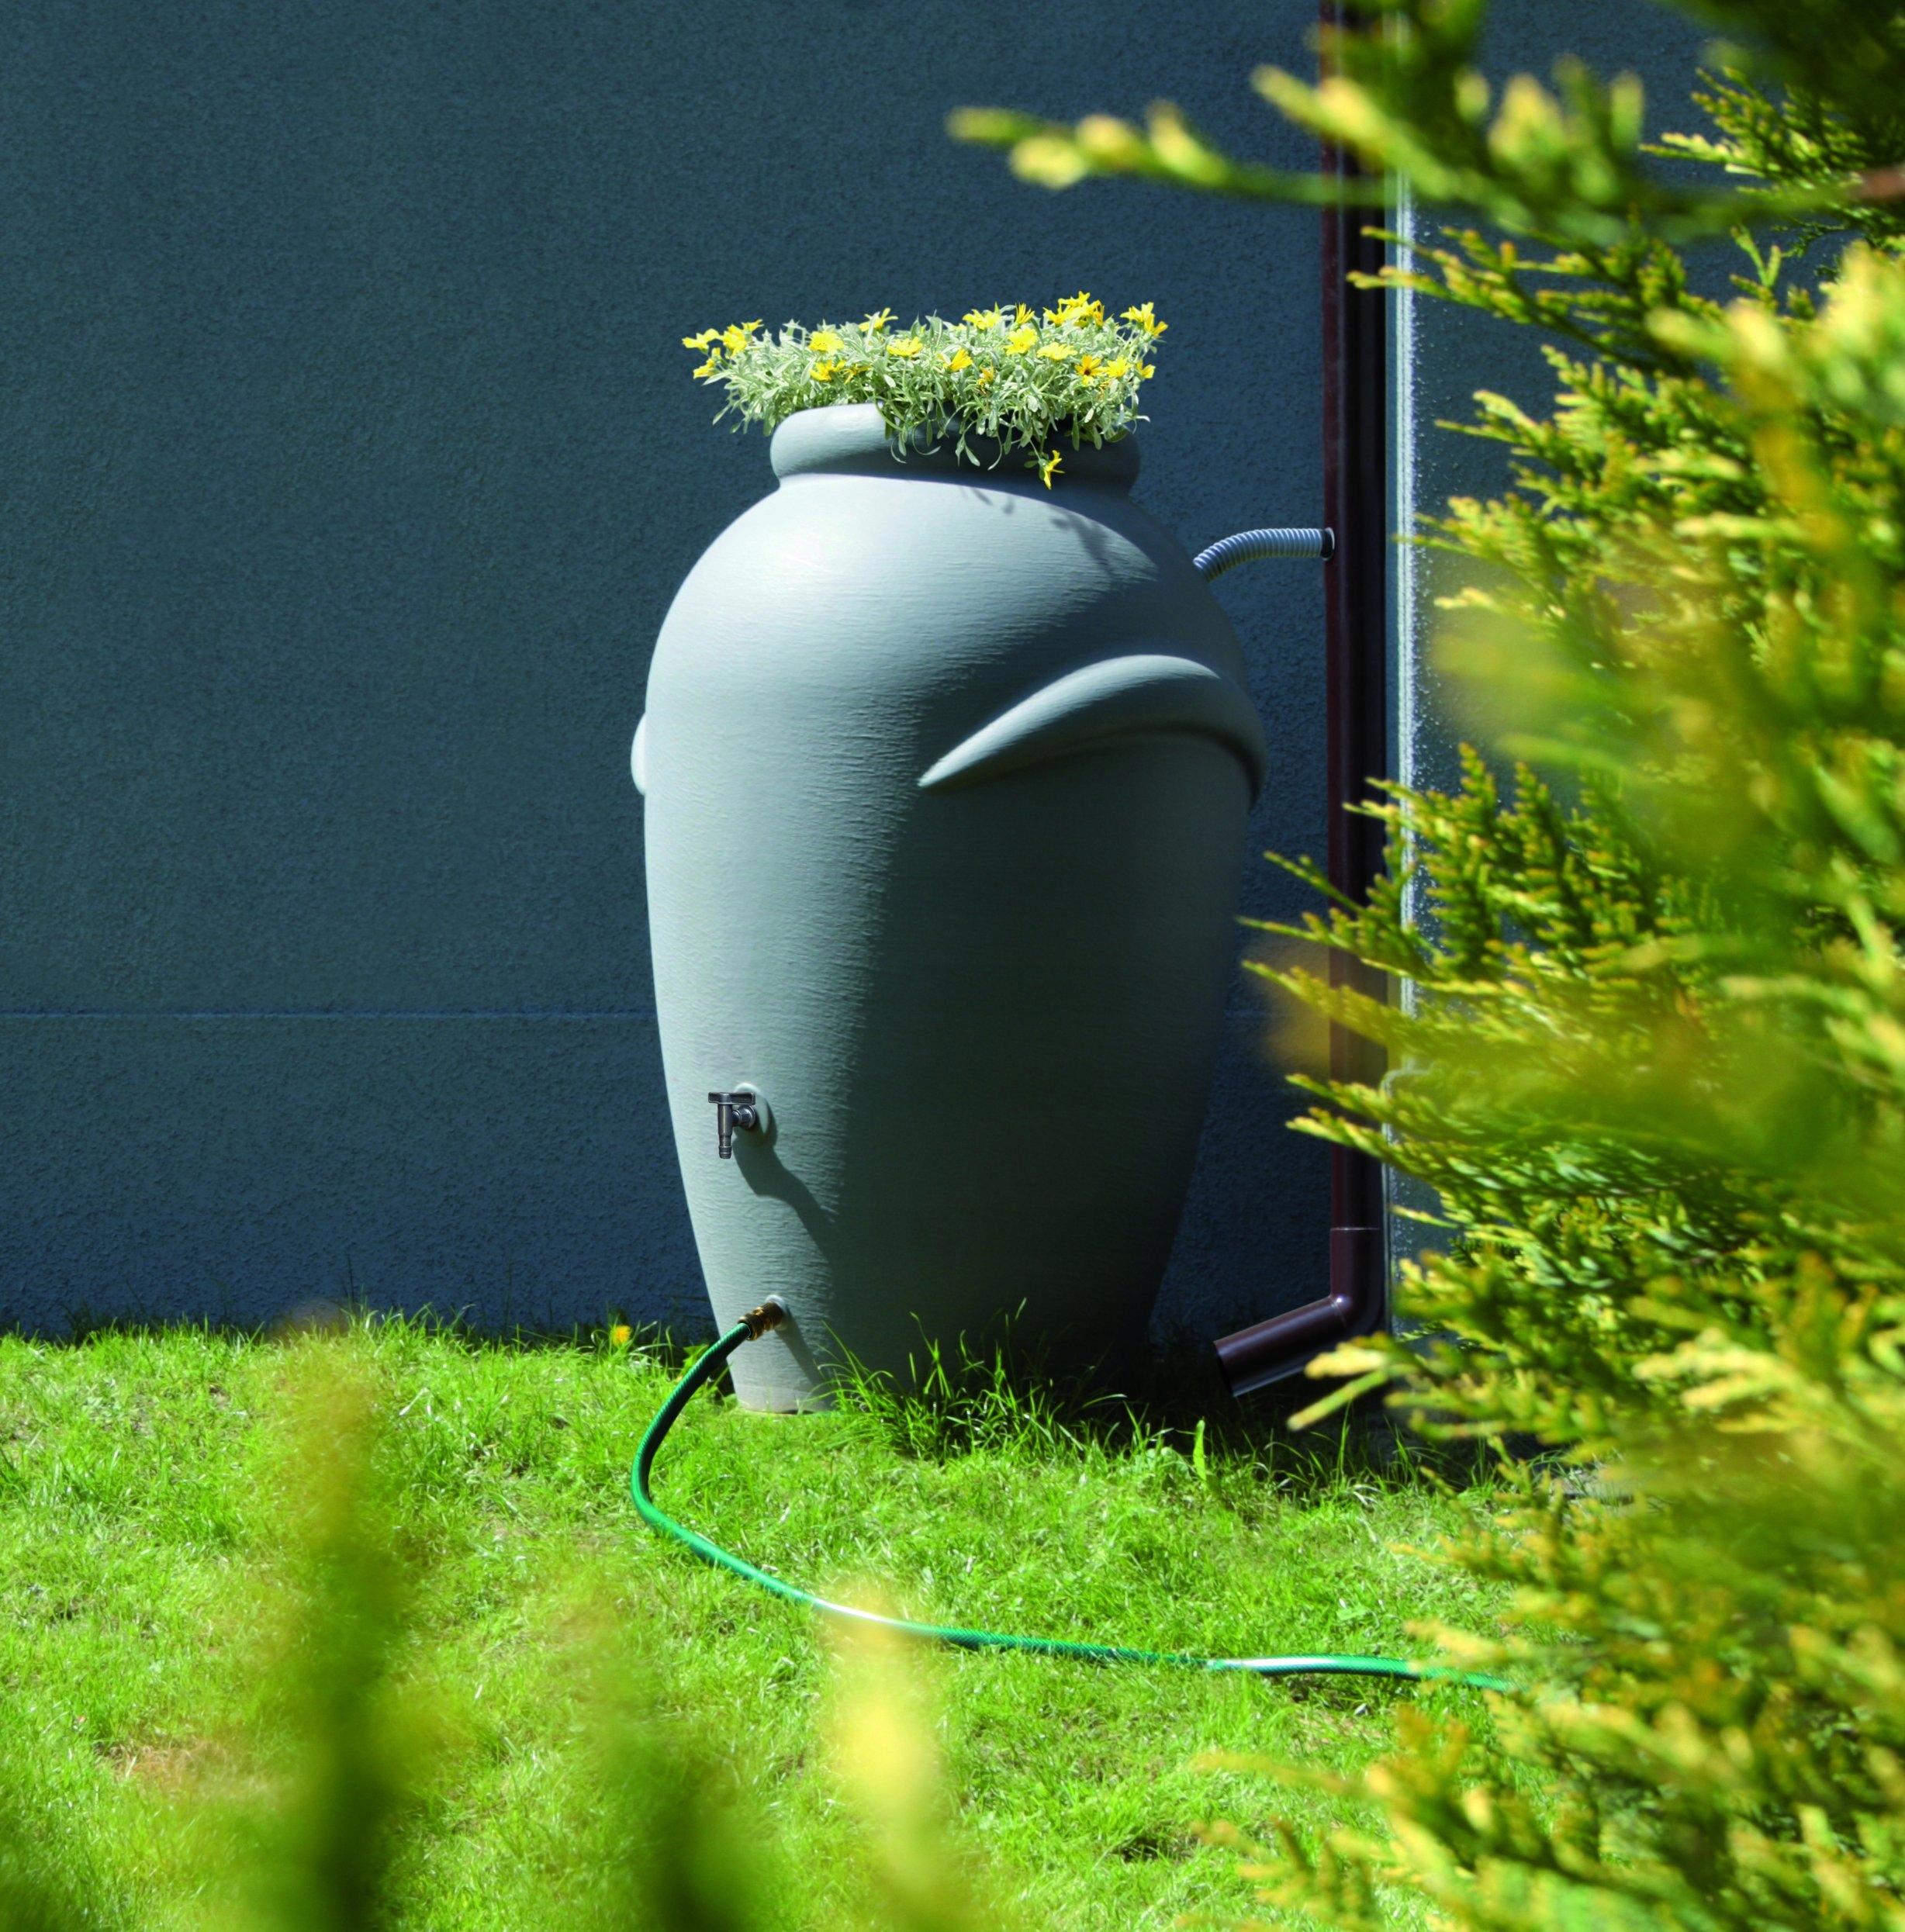 Kompletny zbiornik na wodę BECZKA 210l, deszczówka Waga produktu z opakowaniem jednostkowym 8 kg